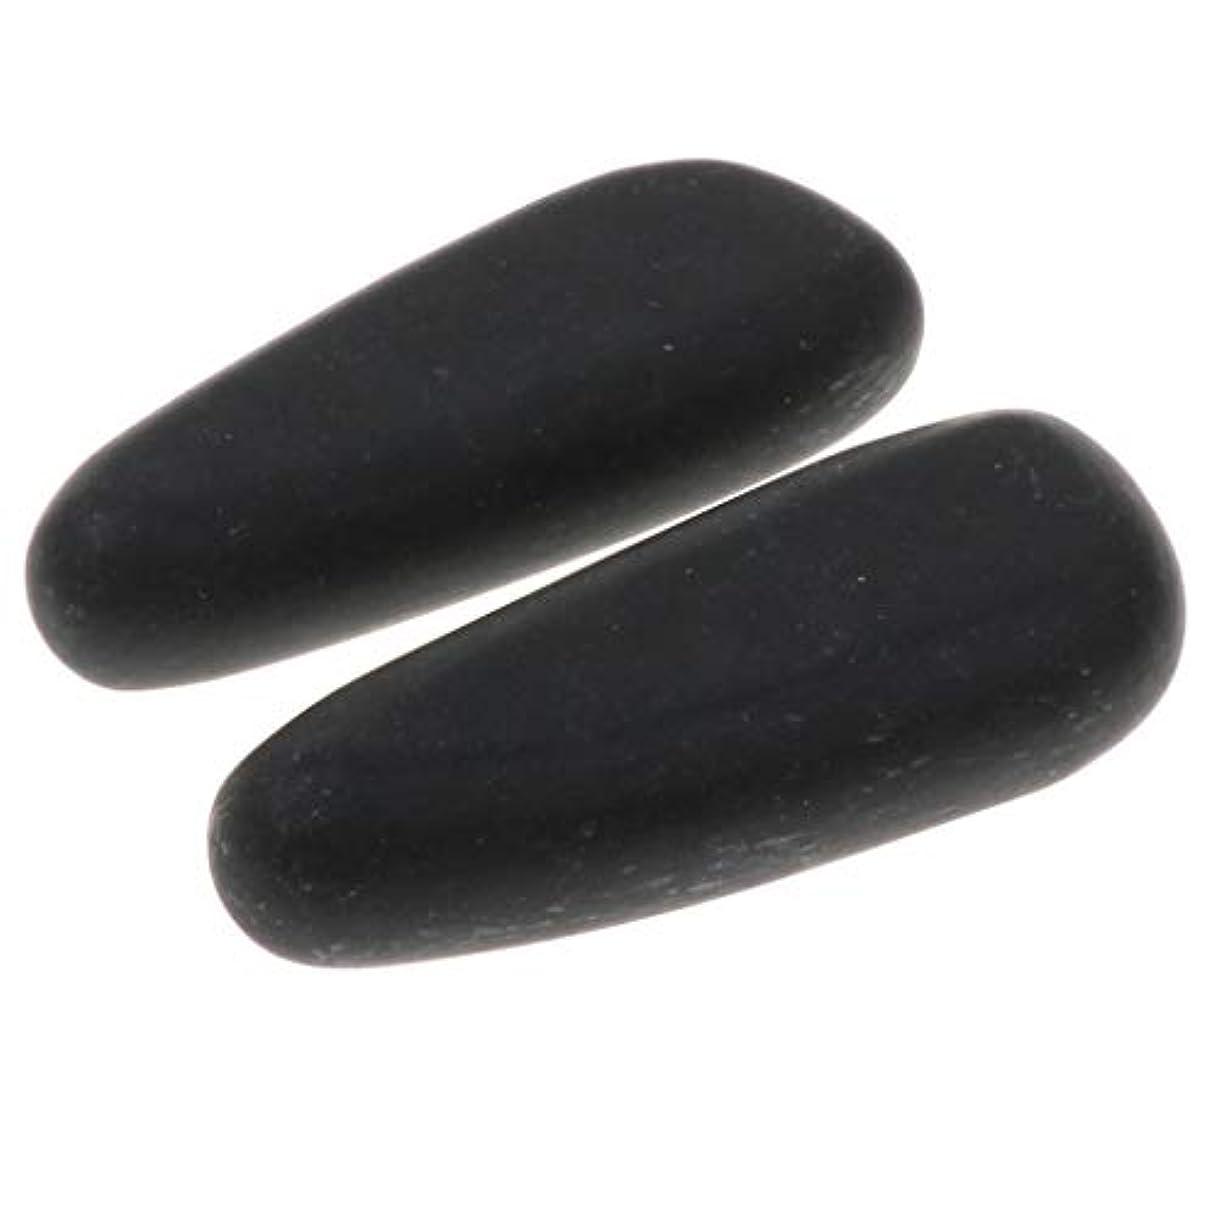 崇拝します奇跡酔うホットストーン マッサージ石 マッサージストーン 玄武岩 ボディマッサージ 2個 全2サイズ - 8×3.2×2cm